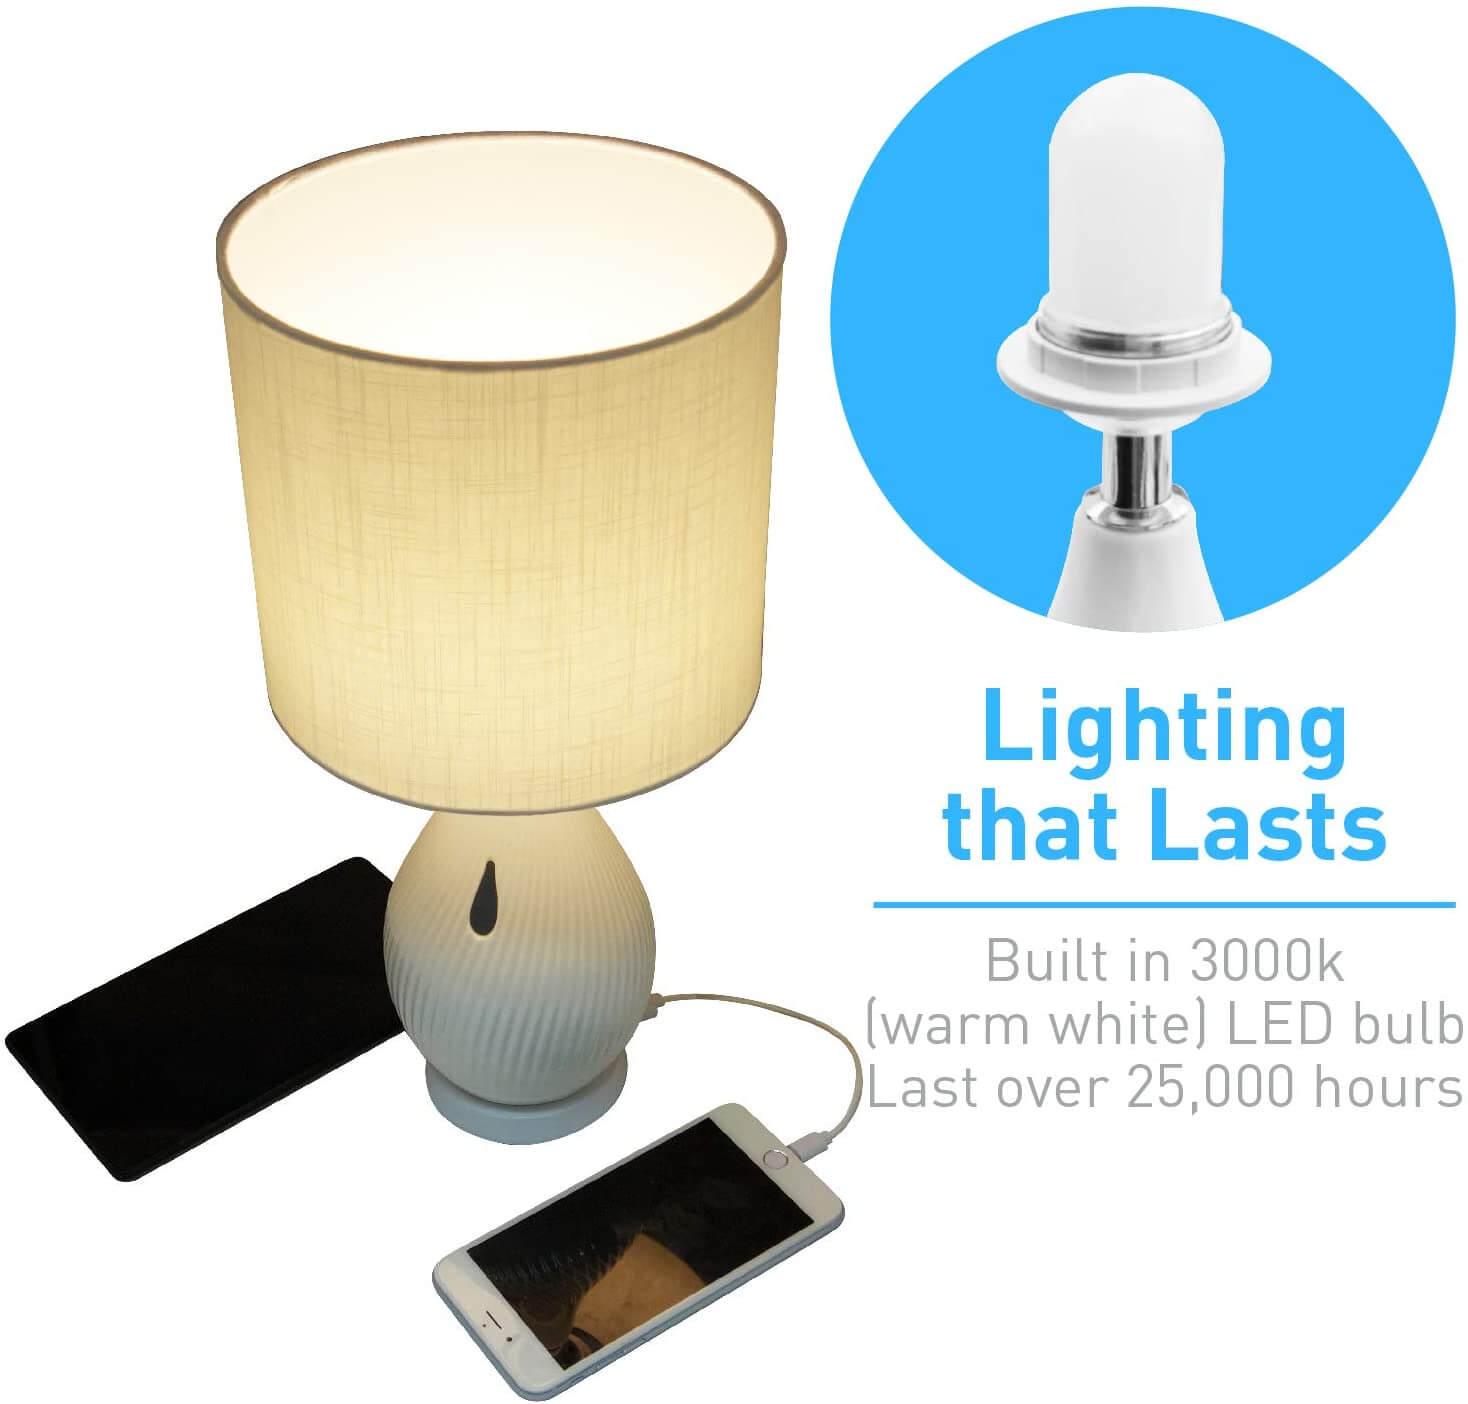 Macally Ceramic LED Table Lamp - настолна LED лампа с 2 х USB-A изхода за зареждане на мобилни устройства (бял) - 3